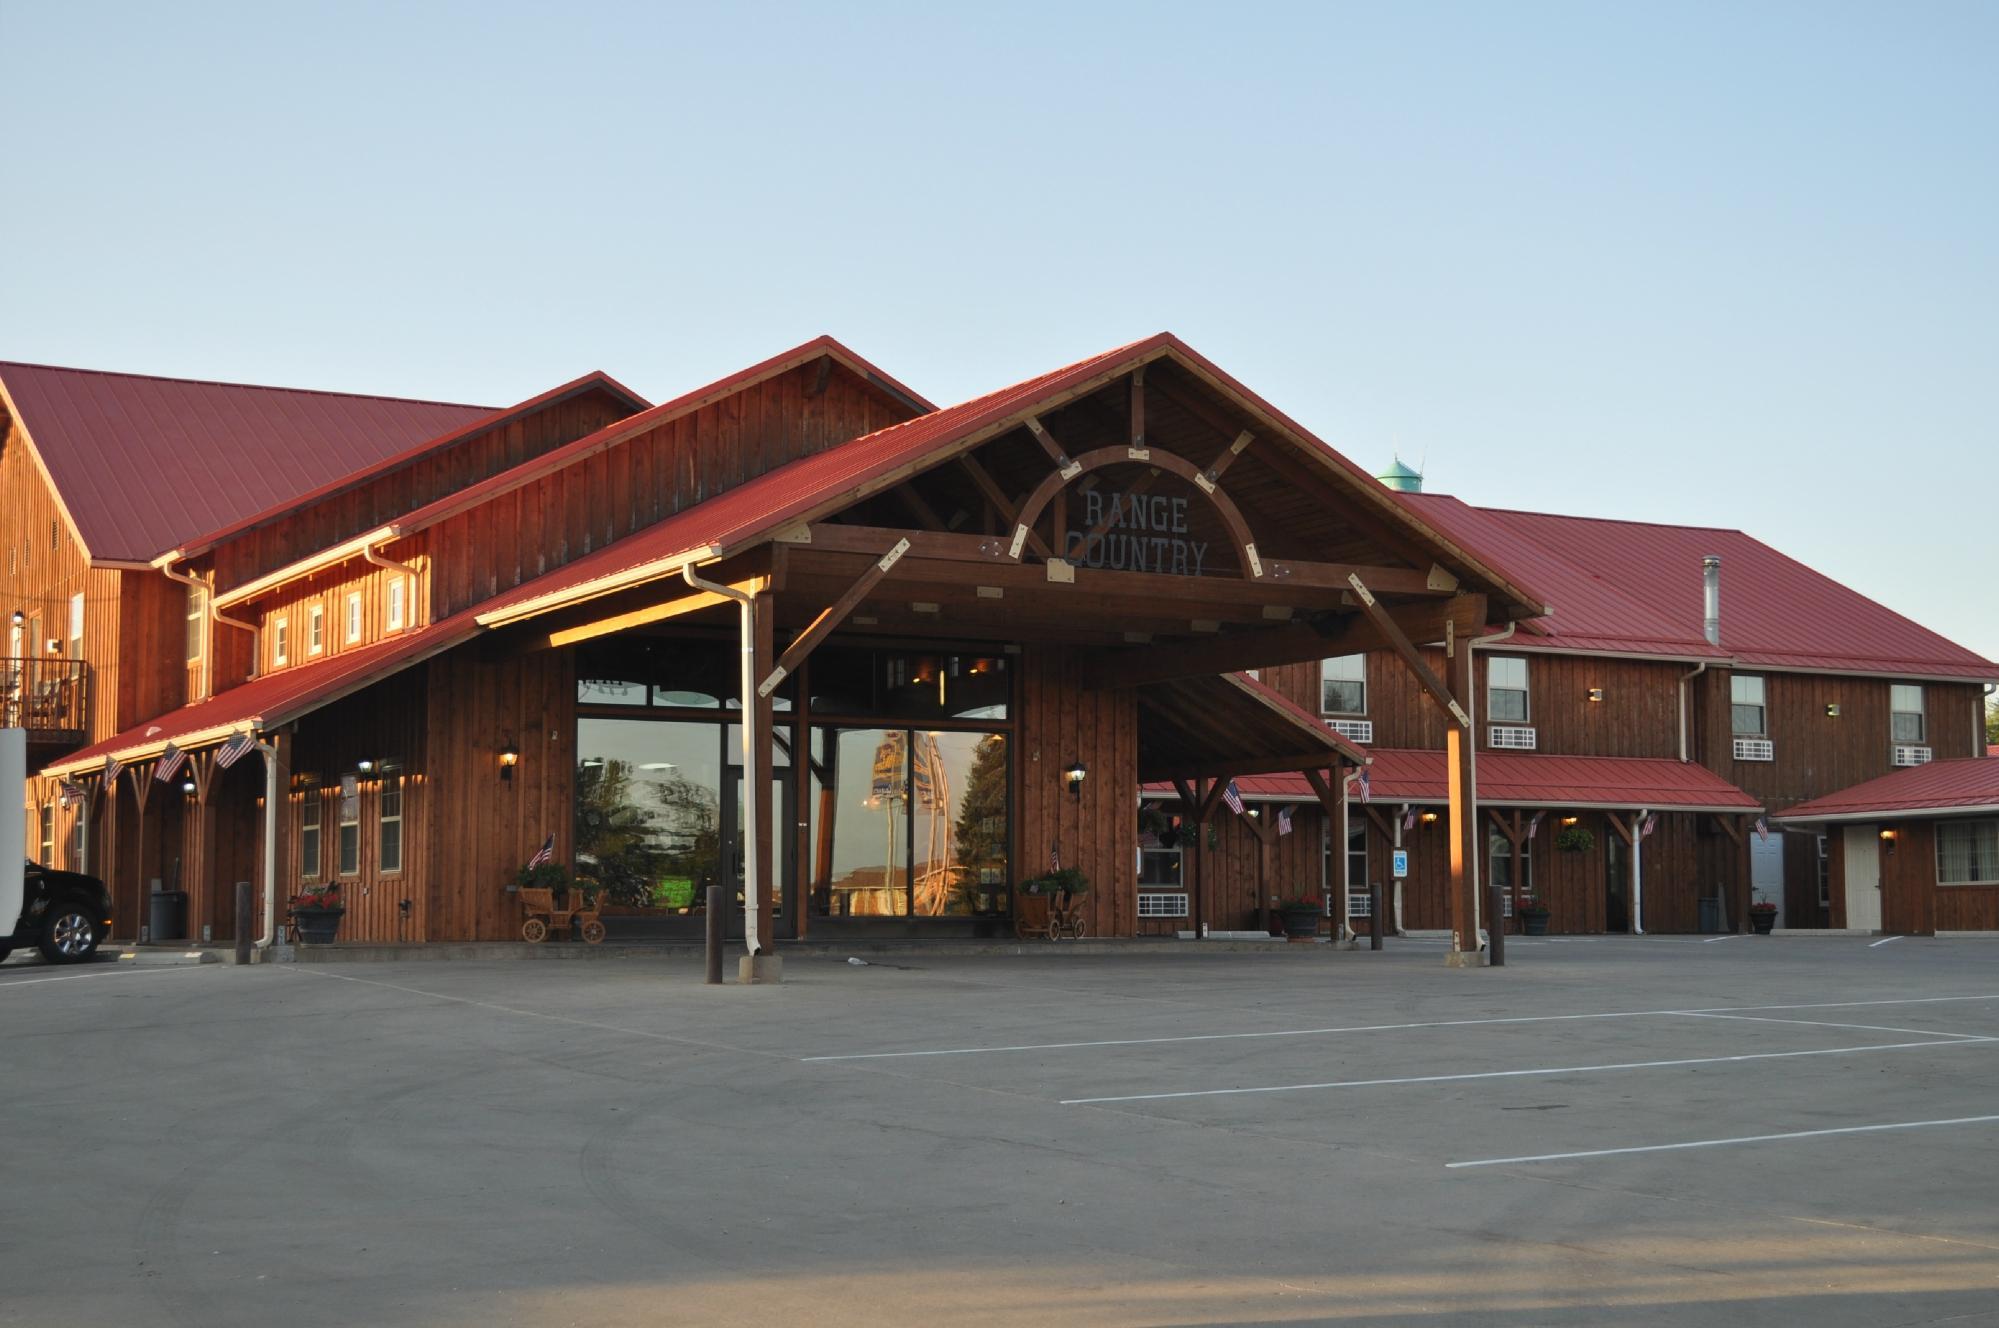 Range Country hotel in Murdo, SD